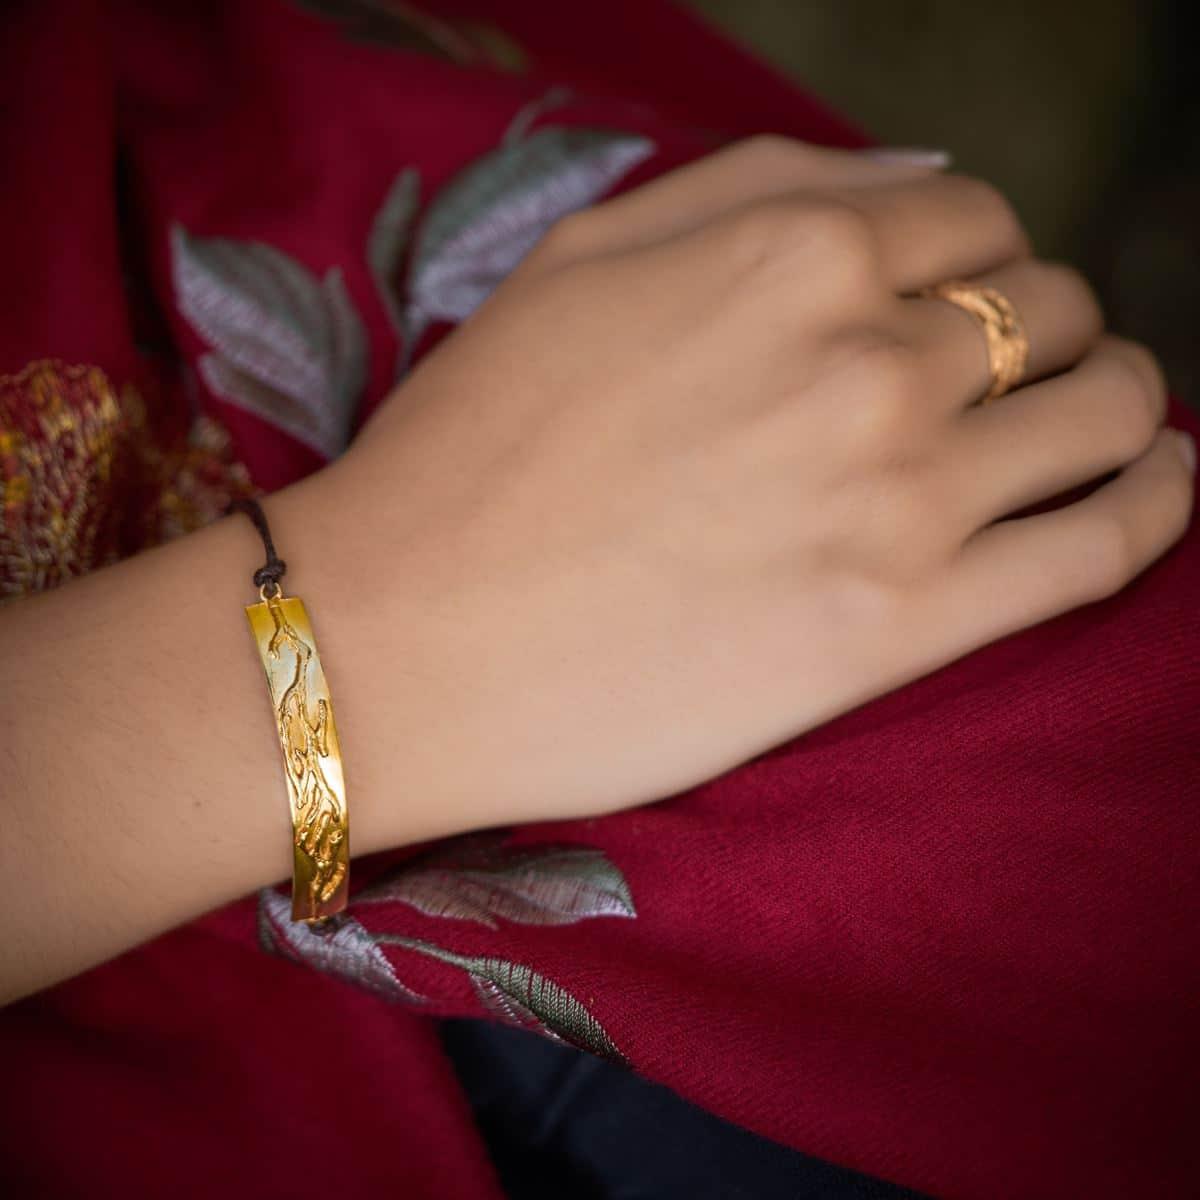 Pulsera de diseño modelo Outono joyería en plata con baño de oro. Joyas Siliva.